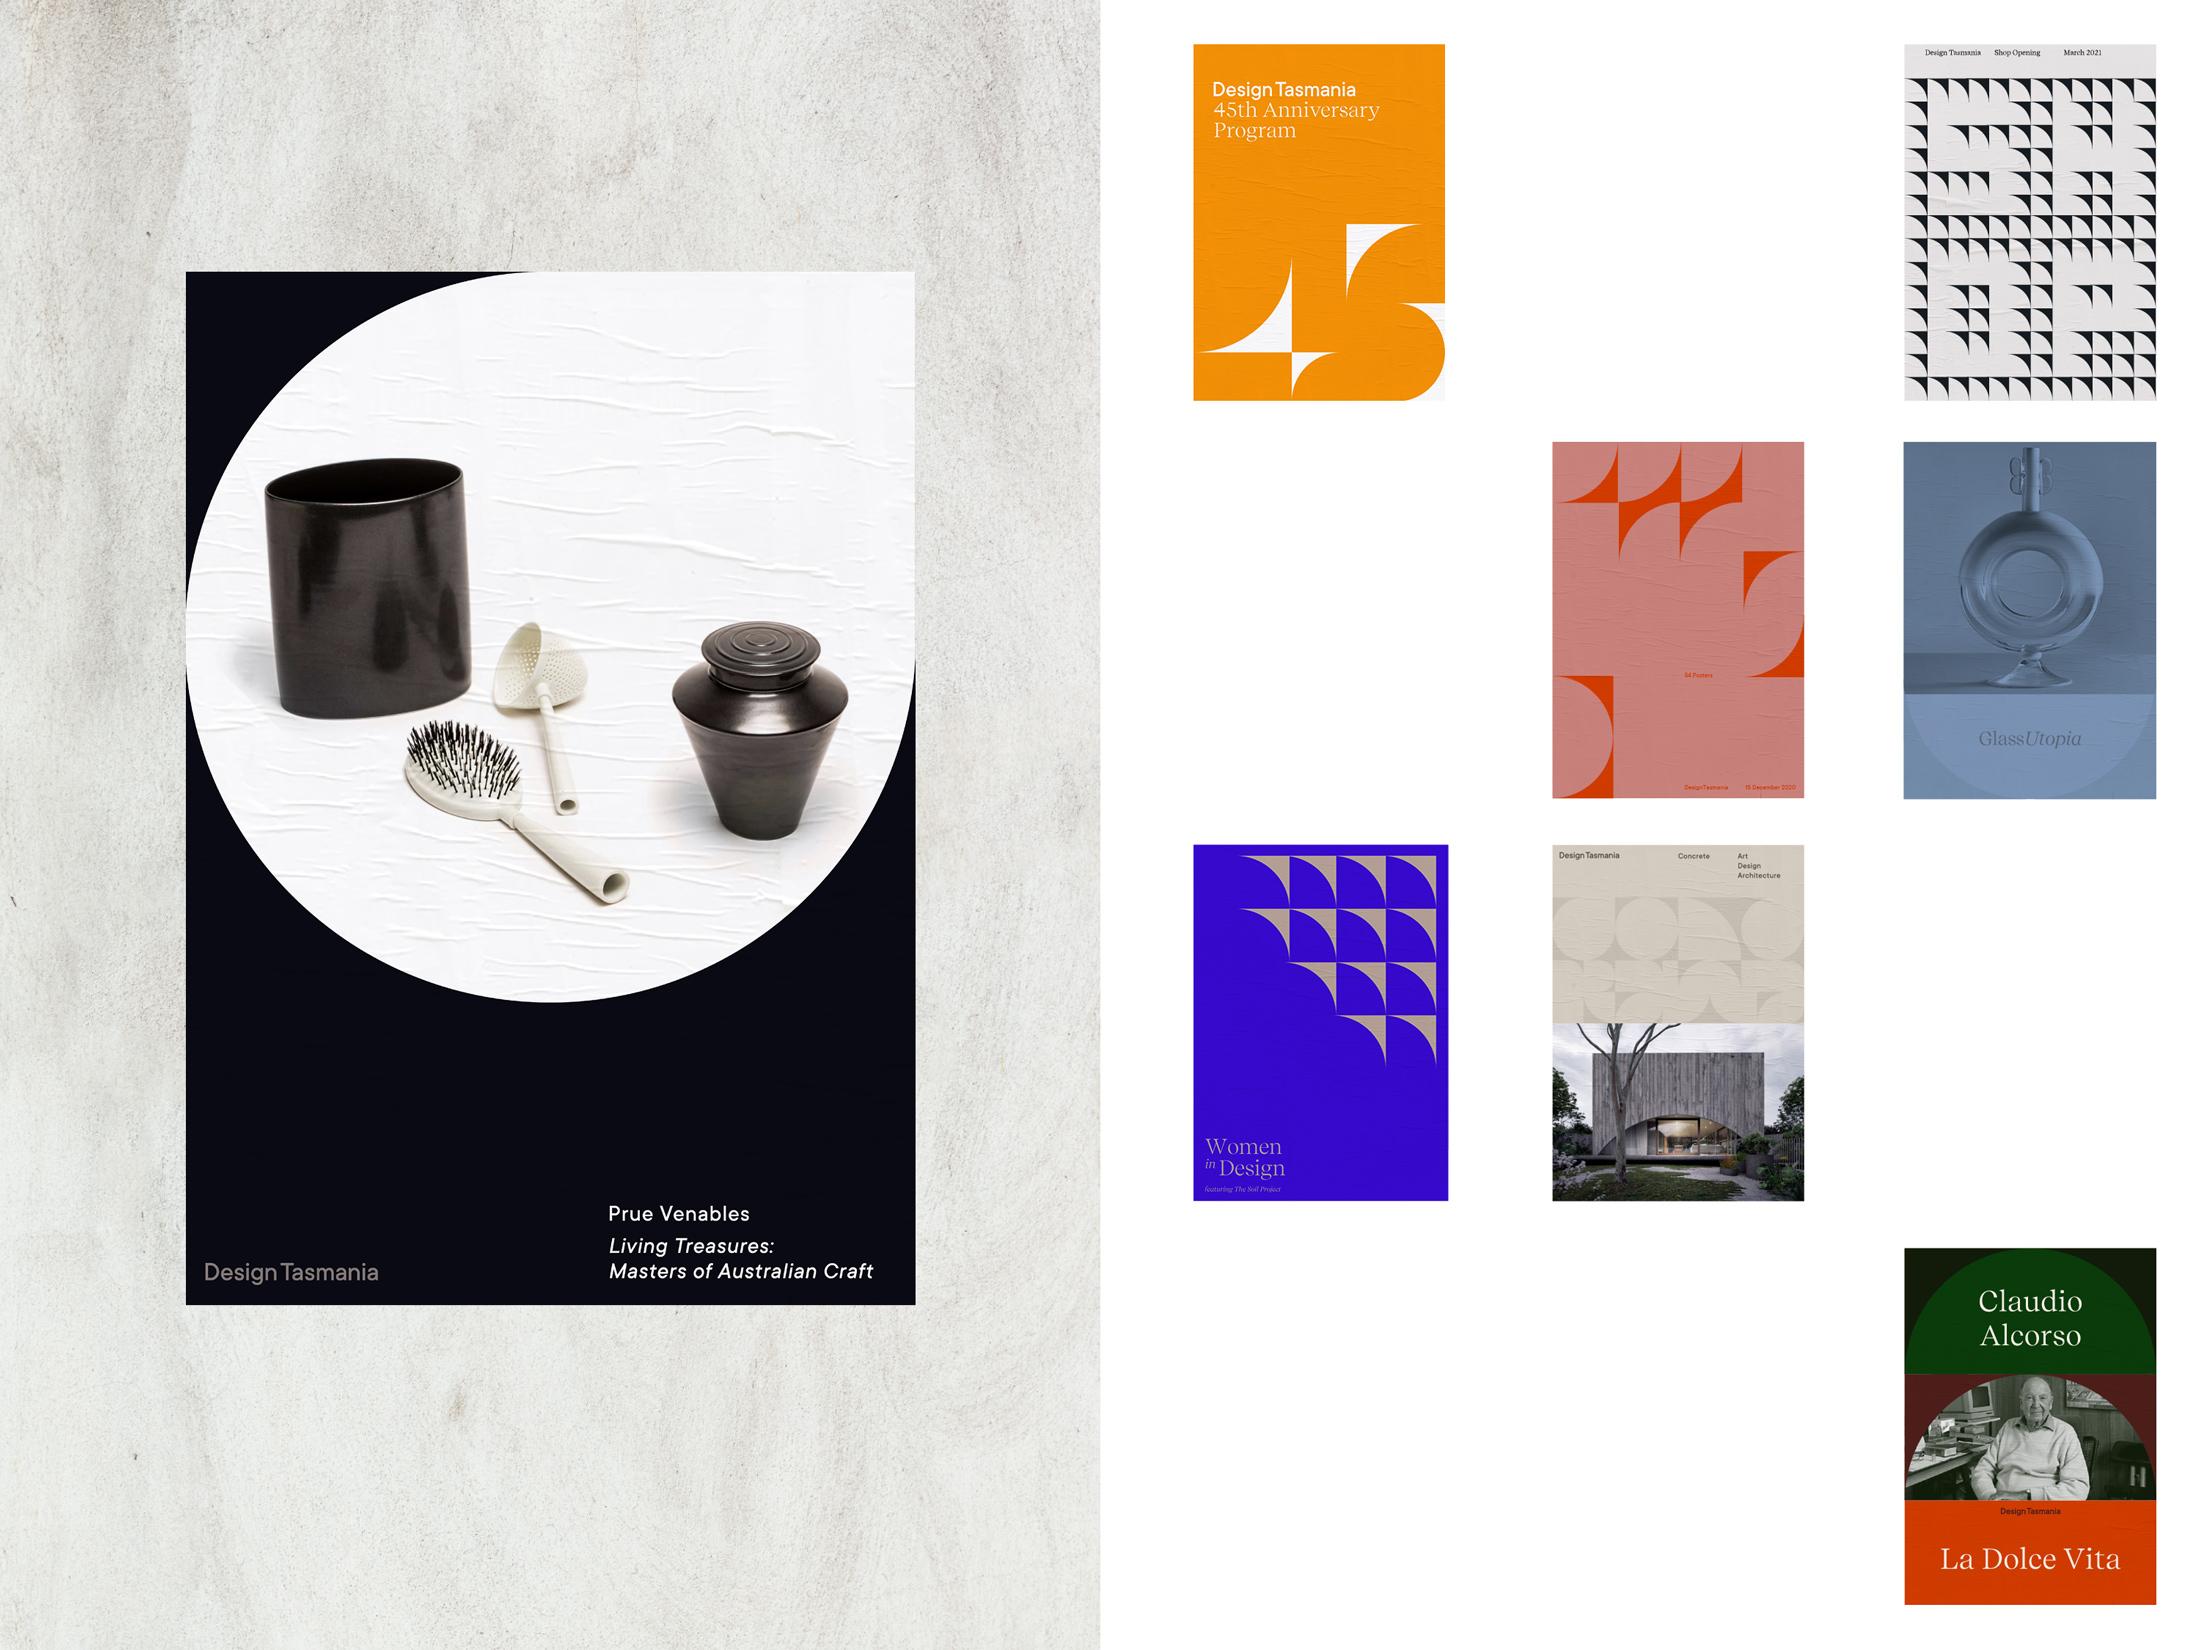 Design Tasmania Rebrand Designed by Megan Perkins